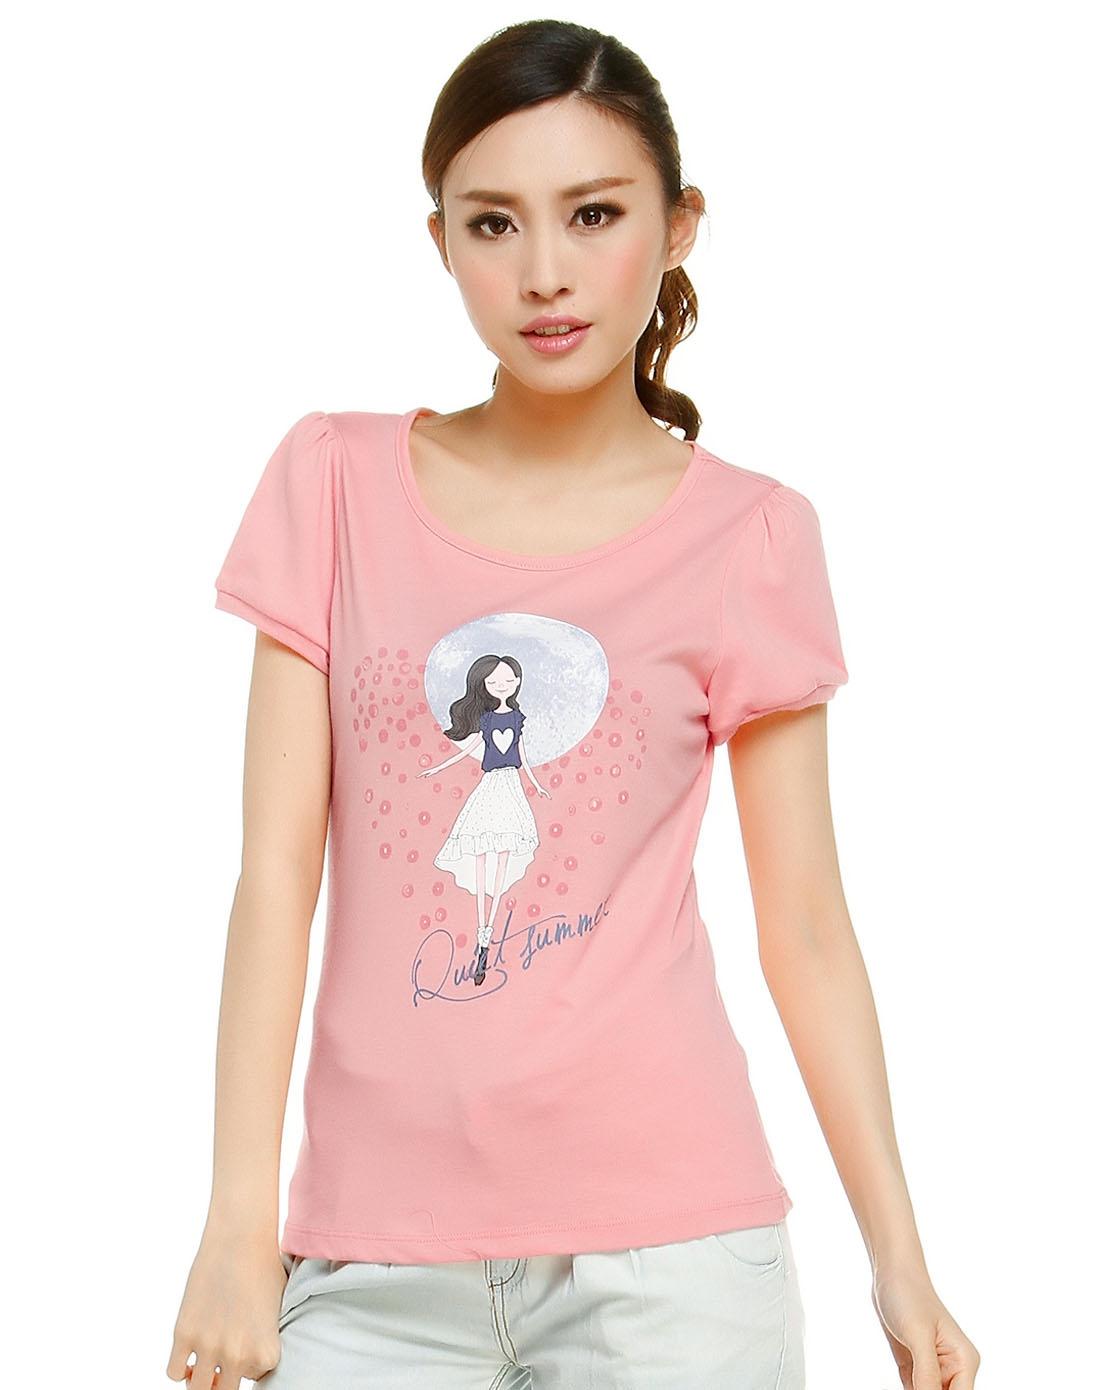 粉红色清新可爱短袖t恤